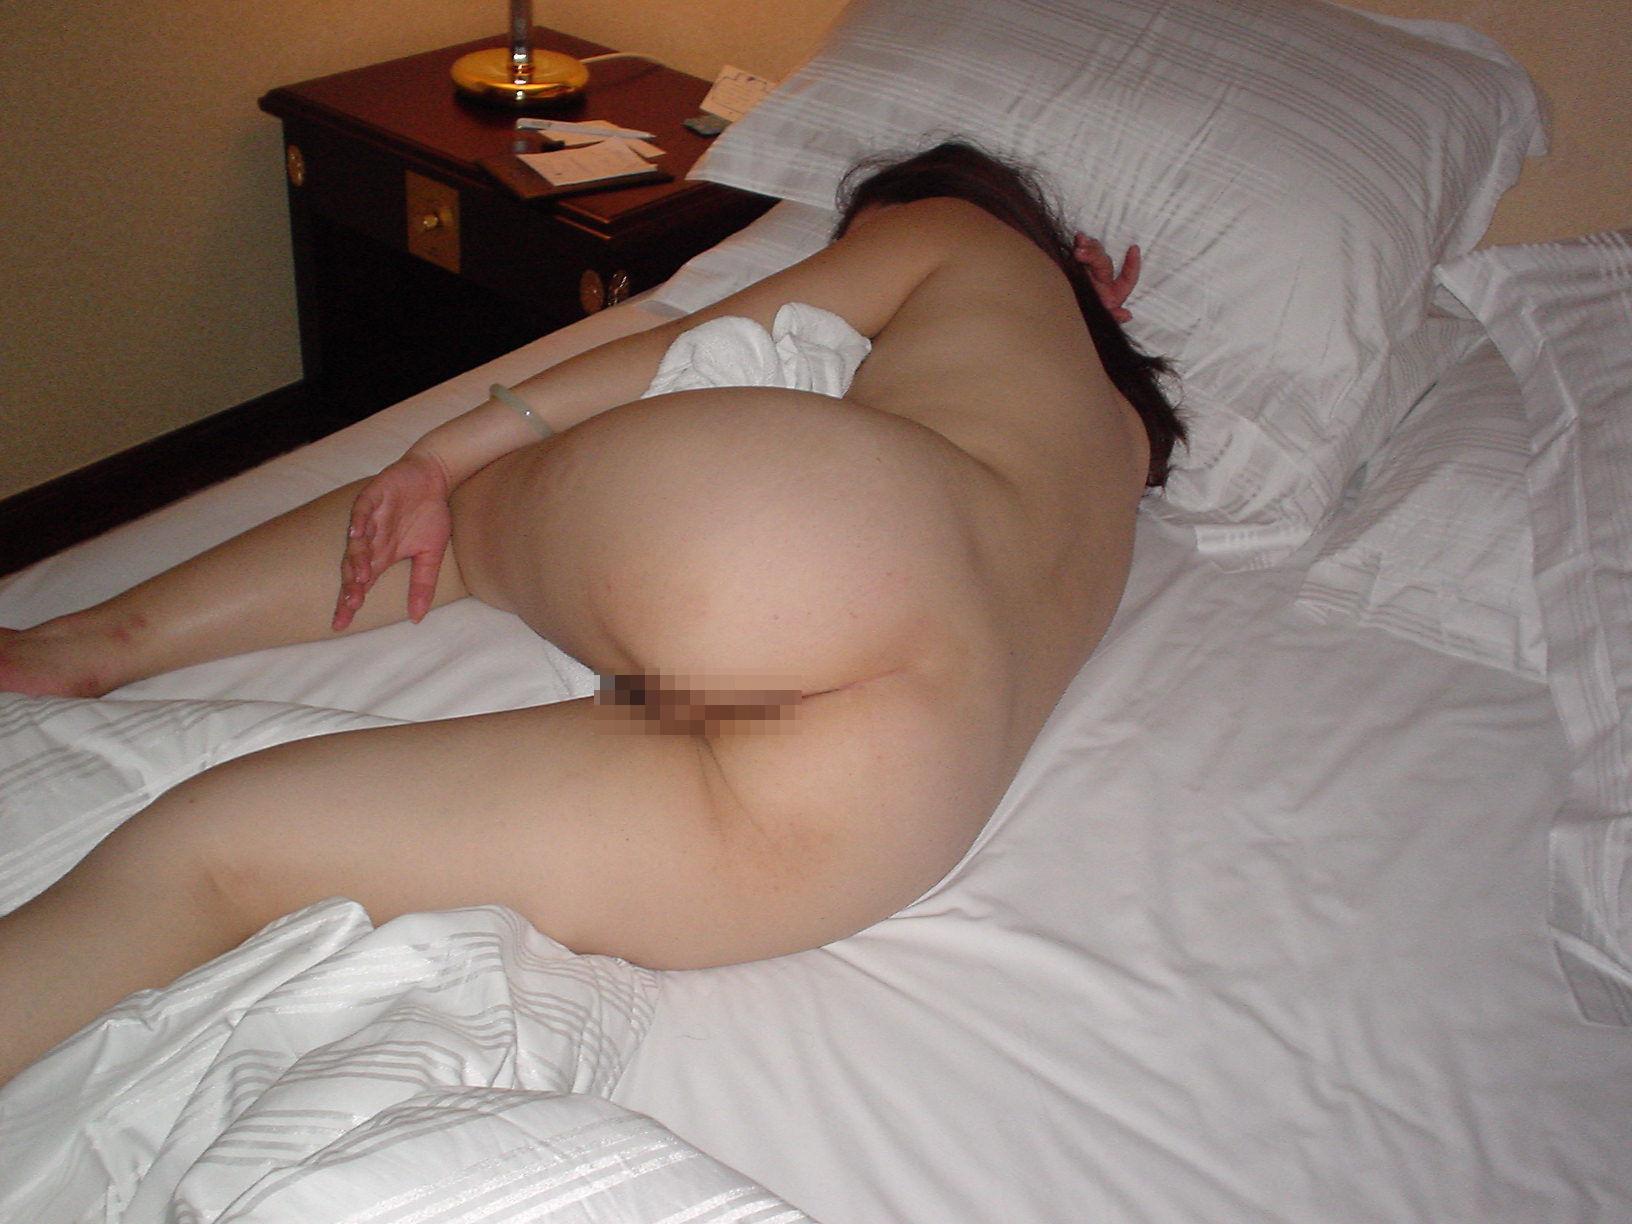 【夜這いエロ画像】行為後の尻は基本的に丸出しwリア充の特権な寝ている生尻をひっそり激写(*´Д`)